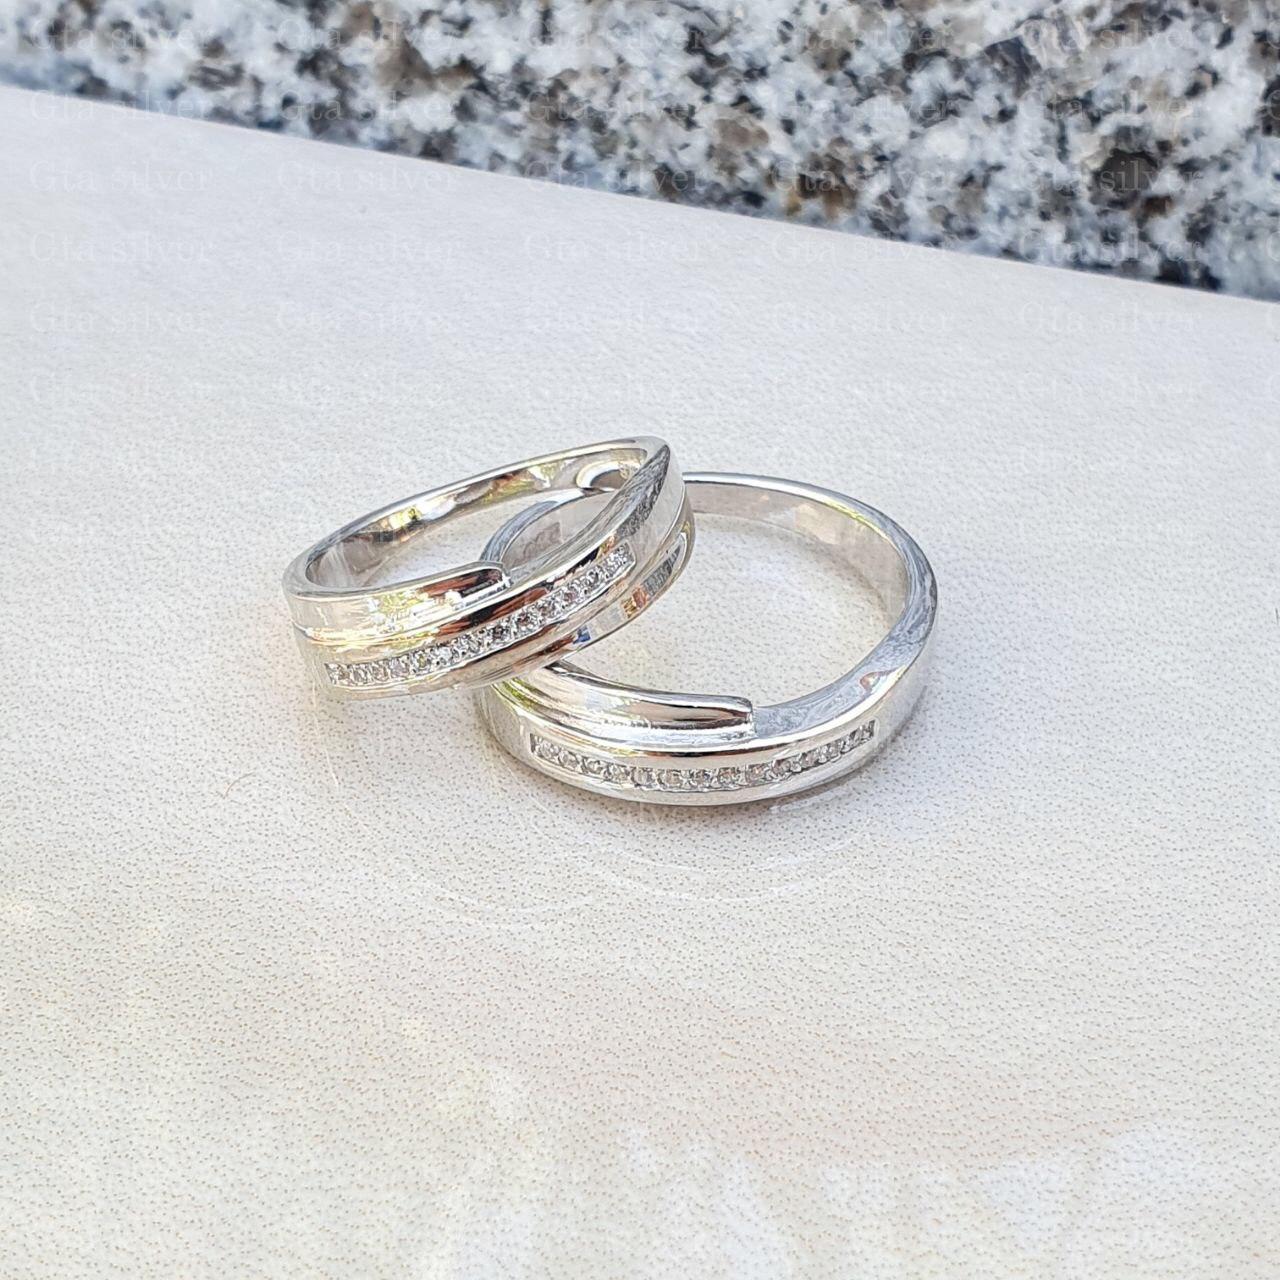 ست حلقه ازدواج وزن 8 گرم مدل 42